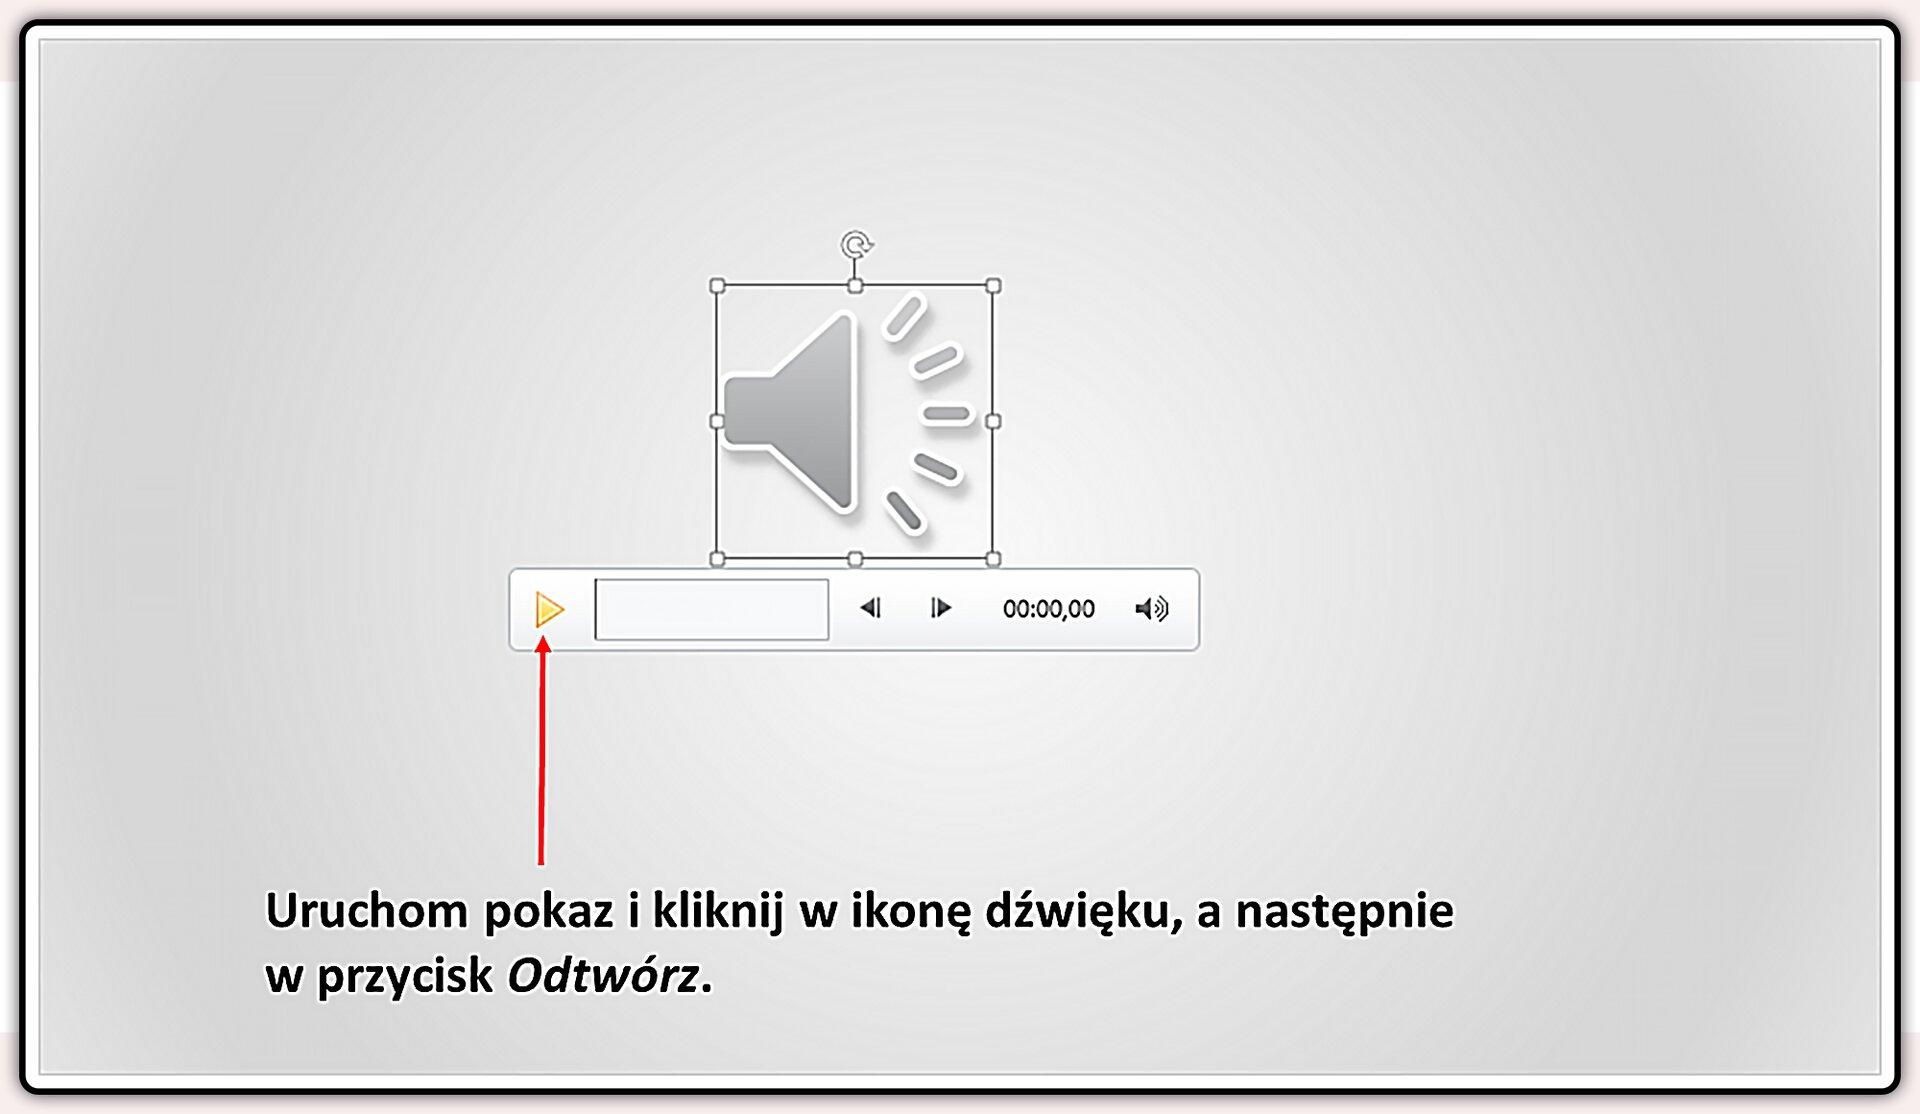 Slajd 6 galerii slajdów pokazu: Nagrywanie komentarza do prezentacji wprogramie MS PowerPoint